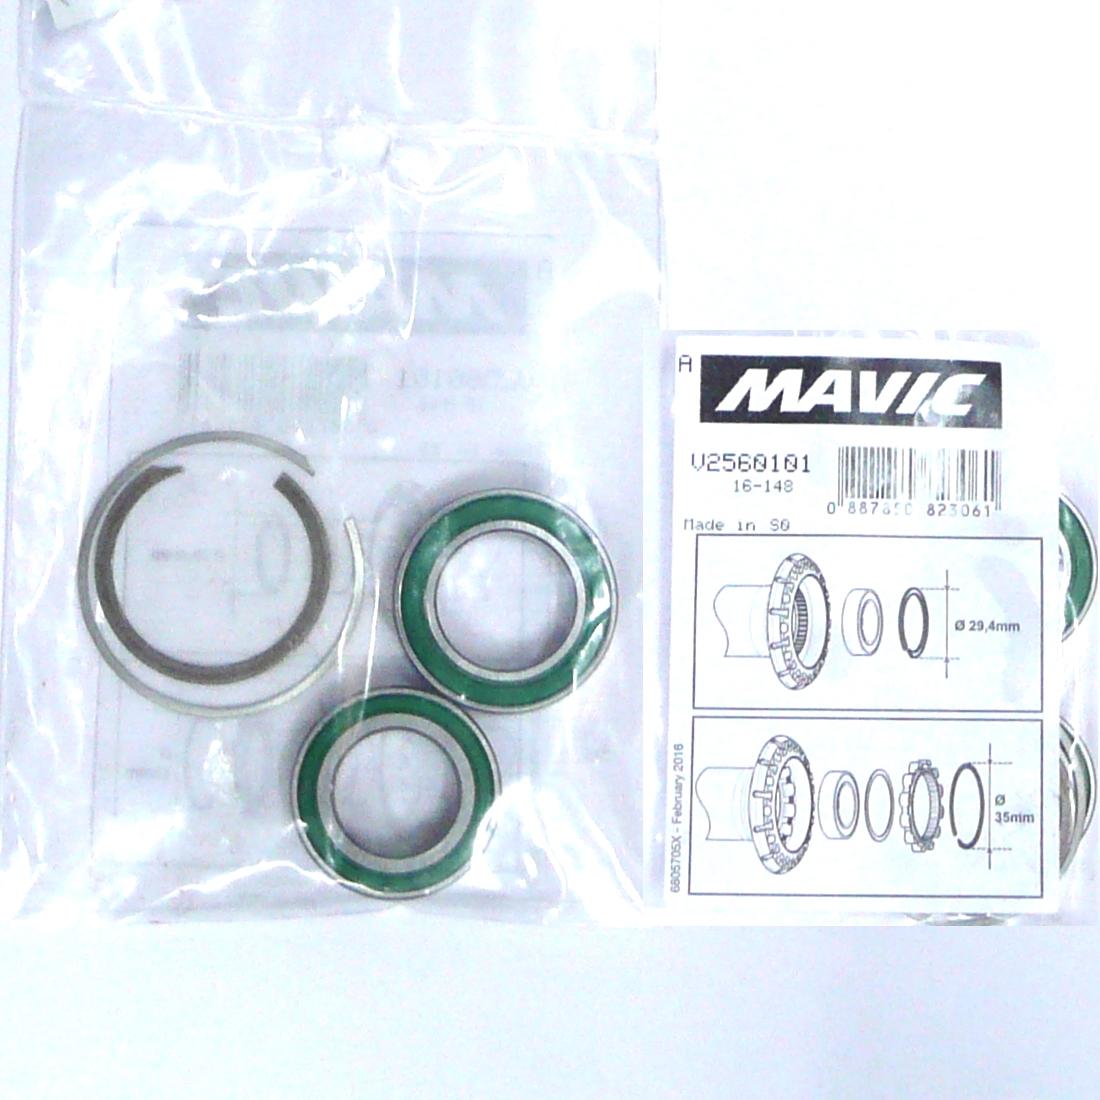 Hub Bearing Kit V2560101 with circlips